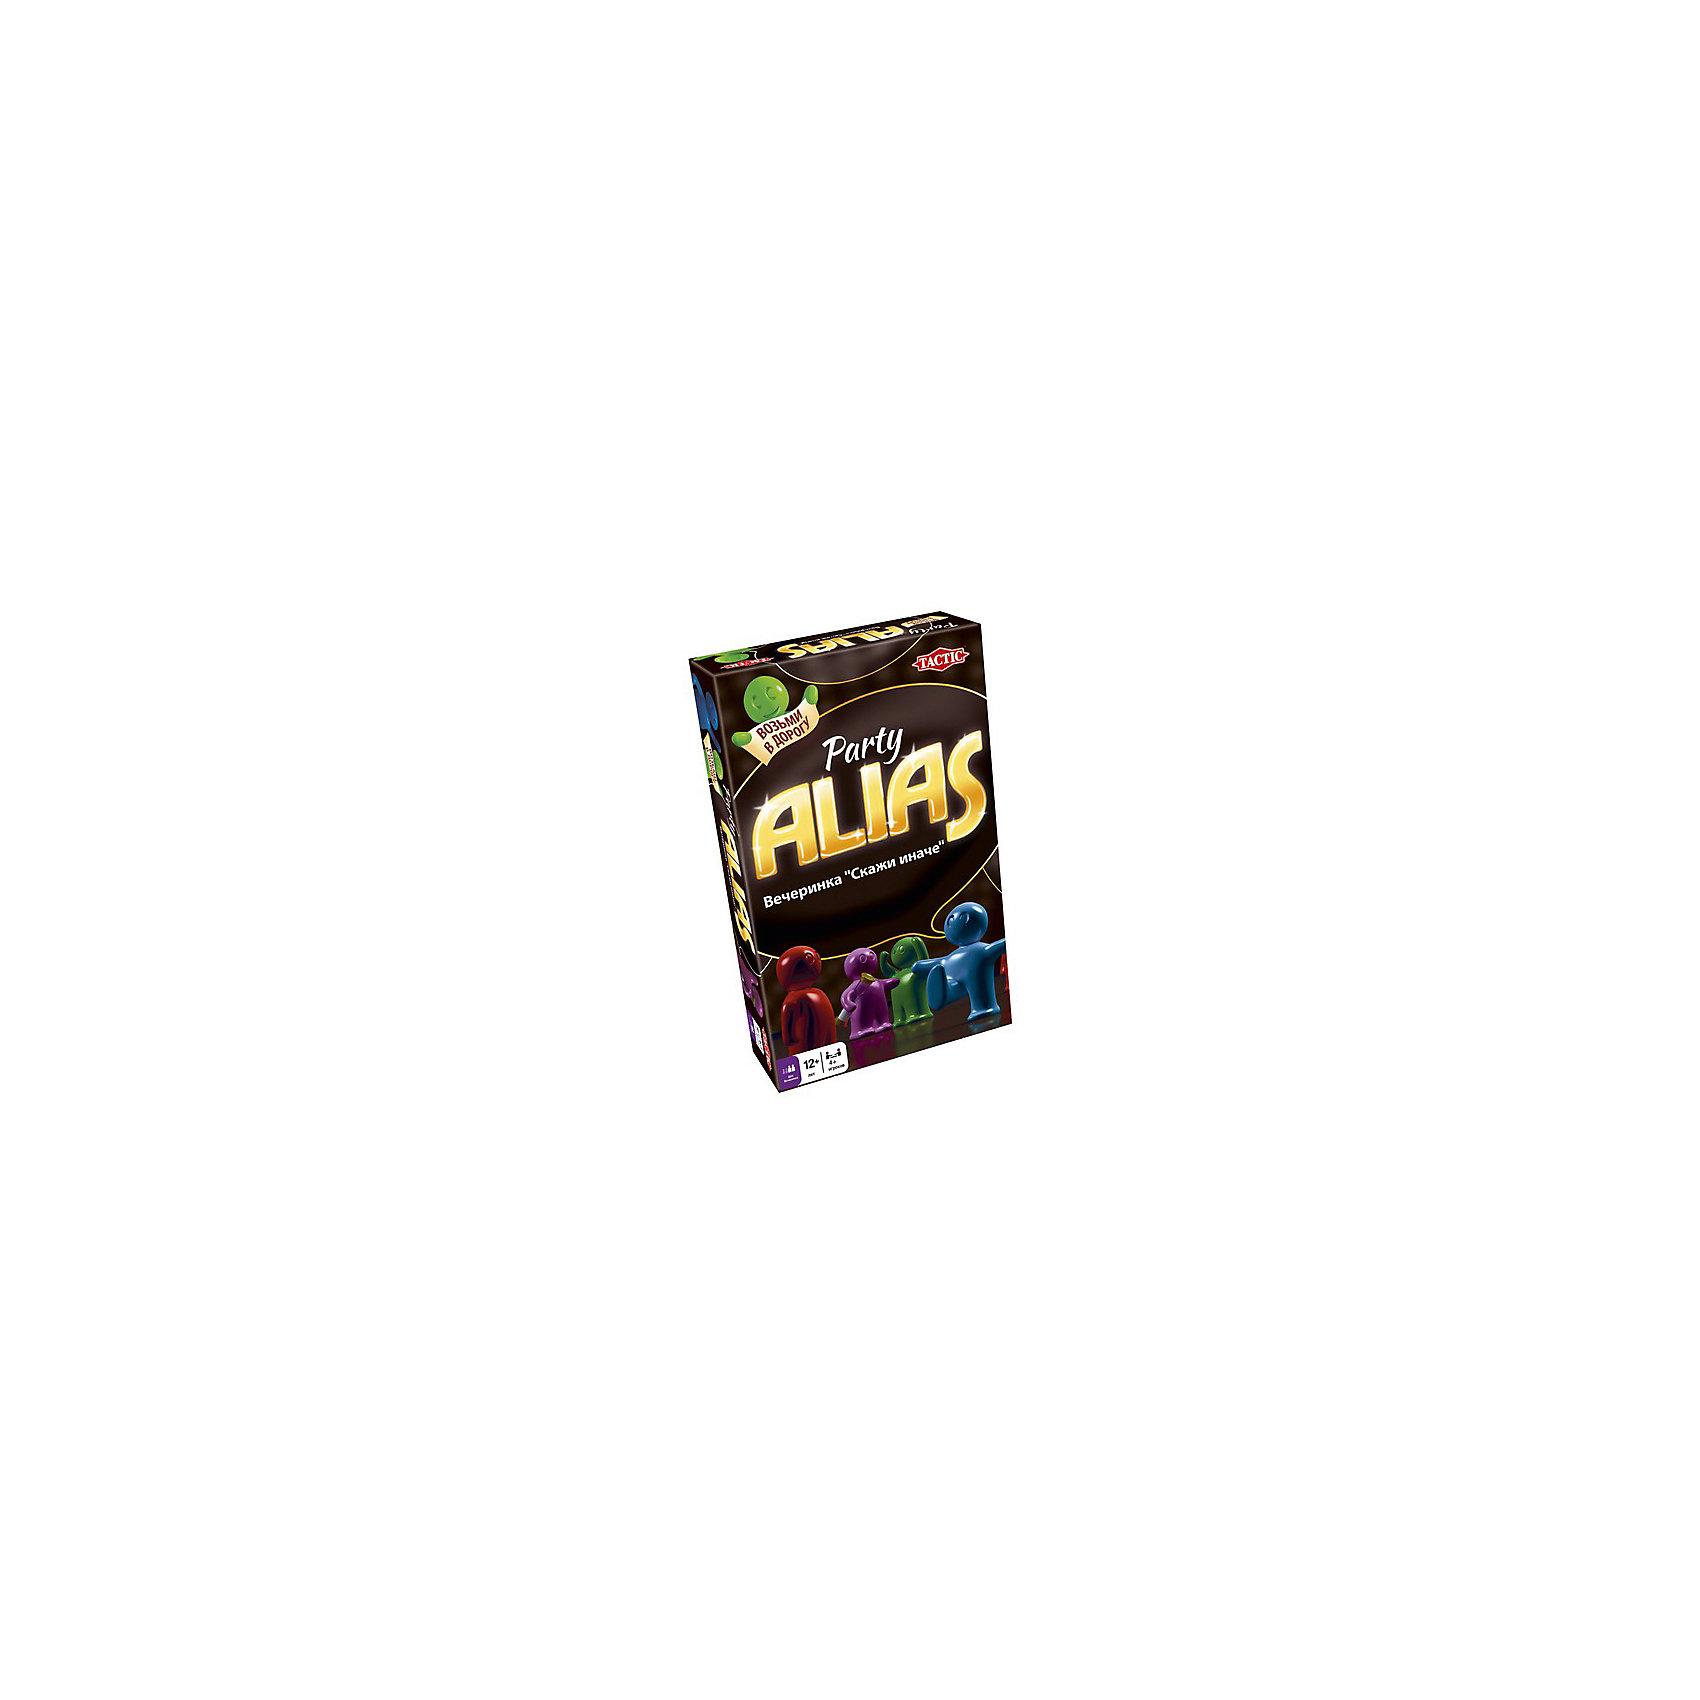 Игра для вечеринки Скажи иначе, компактная версия 2, Tactic GamesИгра для вечеринки Скажи иначе (Alias), компактная версия 2, Tactic Games (Тактик Геймс) – это захватывающая игра мини-формата.<br>Новая компактная версия игры Alias  для вечеринки в новой разноцветной коробке. Настоящее счастье для поклонников настольной игры «Скажи иначе», ведь эта версия включает в себя новые слова и карточки, поэтому можно устроить раунд любимой игры со свежими идеями и силами! Компактная версия игры позволит брать ее куда угодно: в любое путешествие, поездку на природу или в гости. Играть можно и при дефиците свободного места, ведь в компактном варианте отсутствует игровое поле и фишки. Теперь не придется искать стол или другую ровную поверхность для игры. От обычной версии, игра для вечеринки Скажи иначе отличается наличием особенных карточек с изображениями известных людей, которых тоже предстоит показать. Помимо прочего, вас ждут такие задания, как, например, продемонстрировать разные эмоции, а еще вы можете внести в карточки от руки имена друзей и других знаменитостей, сделав игру еще интереснее и веселее! Играйте всей семьей, развивайте эрудицию, скорость реакции, воображение и сообразительность, улучшайте словарный запас и веселитесь от души! Все детали игры безопасны и сделаны из материалов высокого качества. <br><br>Дополнительная информация:<br><br>- В комплекте: карточки-задания, песочные часы для отсчета времени хода, игровой блокнот, карандаш, подробные правила на русском языке<br>- Количество игроков: от 4 человек<br>- Возраст: от 12 лет и старше<br>- Время игры: более 30 мин.<br>- Материал: картон, пластик<br>- Размер коробки: 11 х 18 х 3,6 см.<br>- Вес: 262 гр.<br><br>Игру для вечеринки Скажи иначе, компактная версия 2, Tactic Games (Тактик Геймс) можно купить в нашем интернет-магазине.<br><br>Ширина мм: 110<br>Глубина мм: 180<br>Высота мм: 36<br>Вес г: 262<br>Возраст от месяцев: 144<br>Возраст до месяцев: 216<br>Пол: Унисекс<br>Возраст: Детский<br>SKU: 4200149